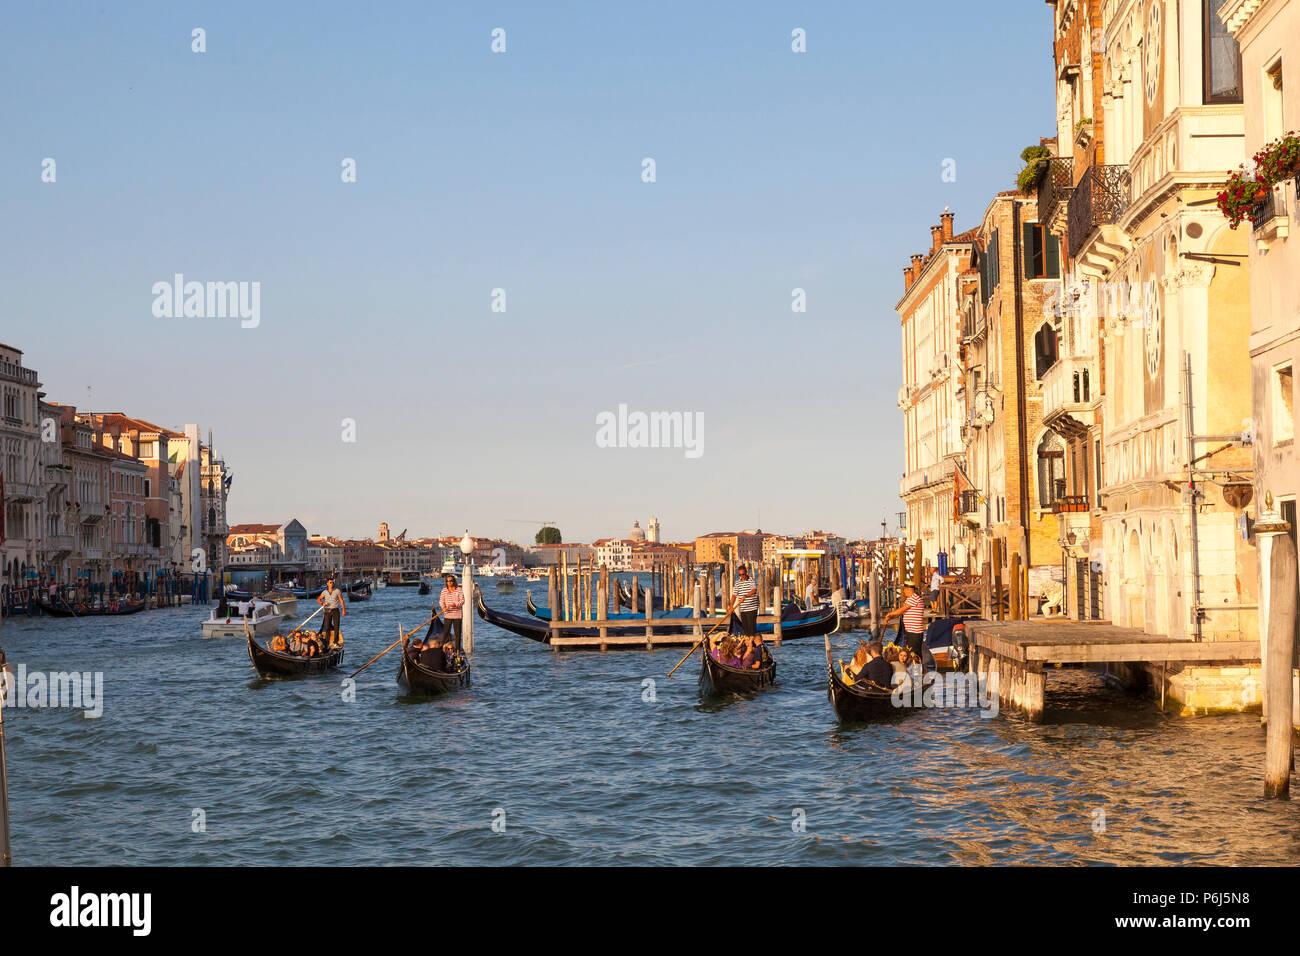 Touristen, romantischen Gondelfahrten bei Sonnenuntergang auf dem Canal Grande, Venedig, Venetien, Italien. Goldene Stunde mit Reflexionen. Stockbild